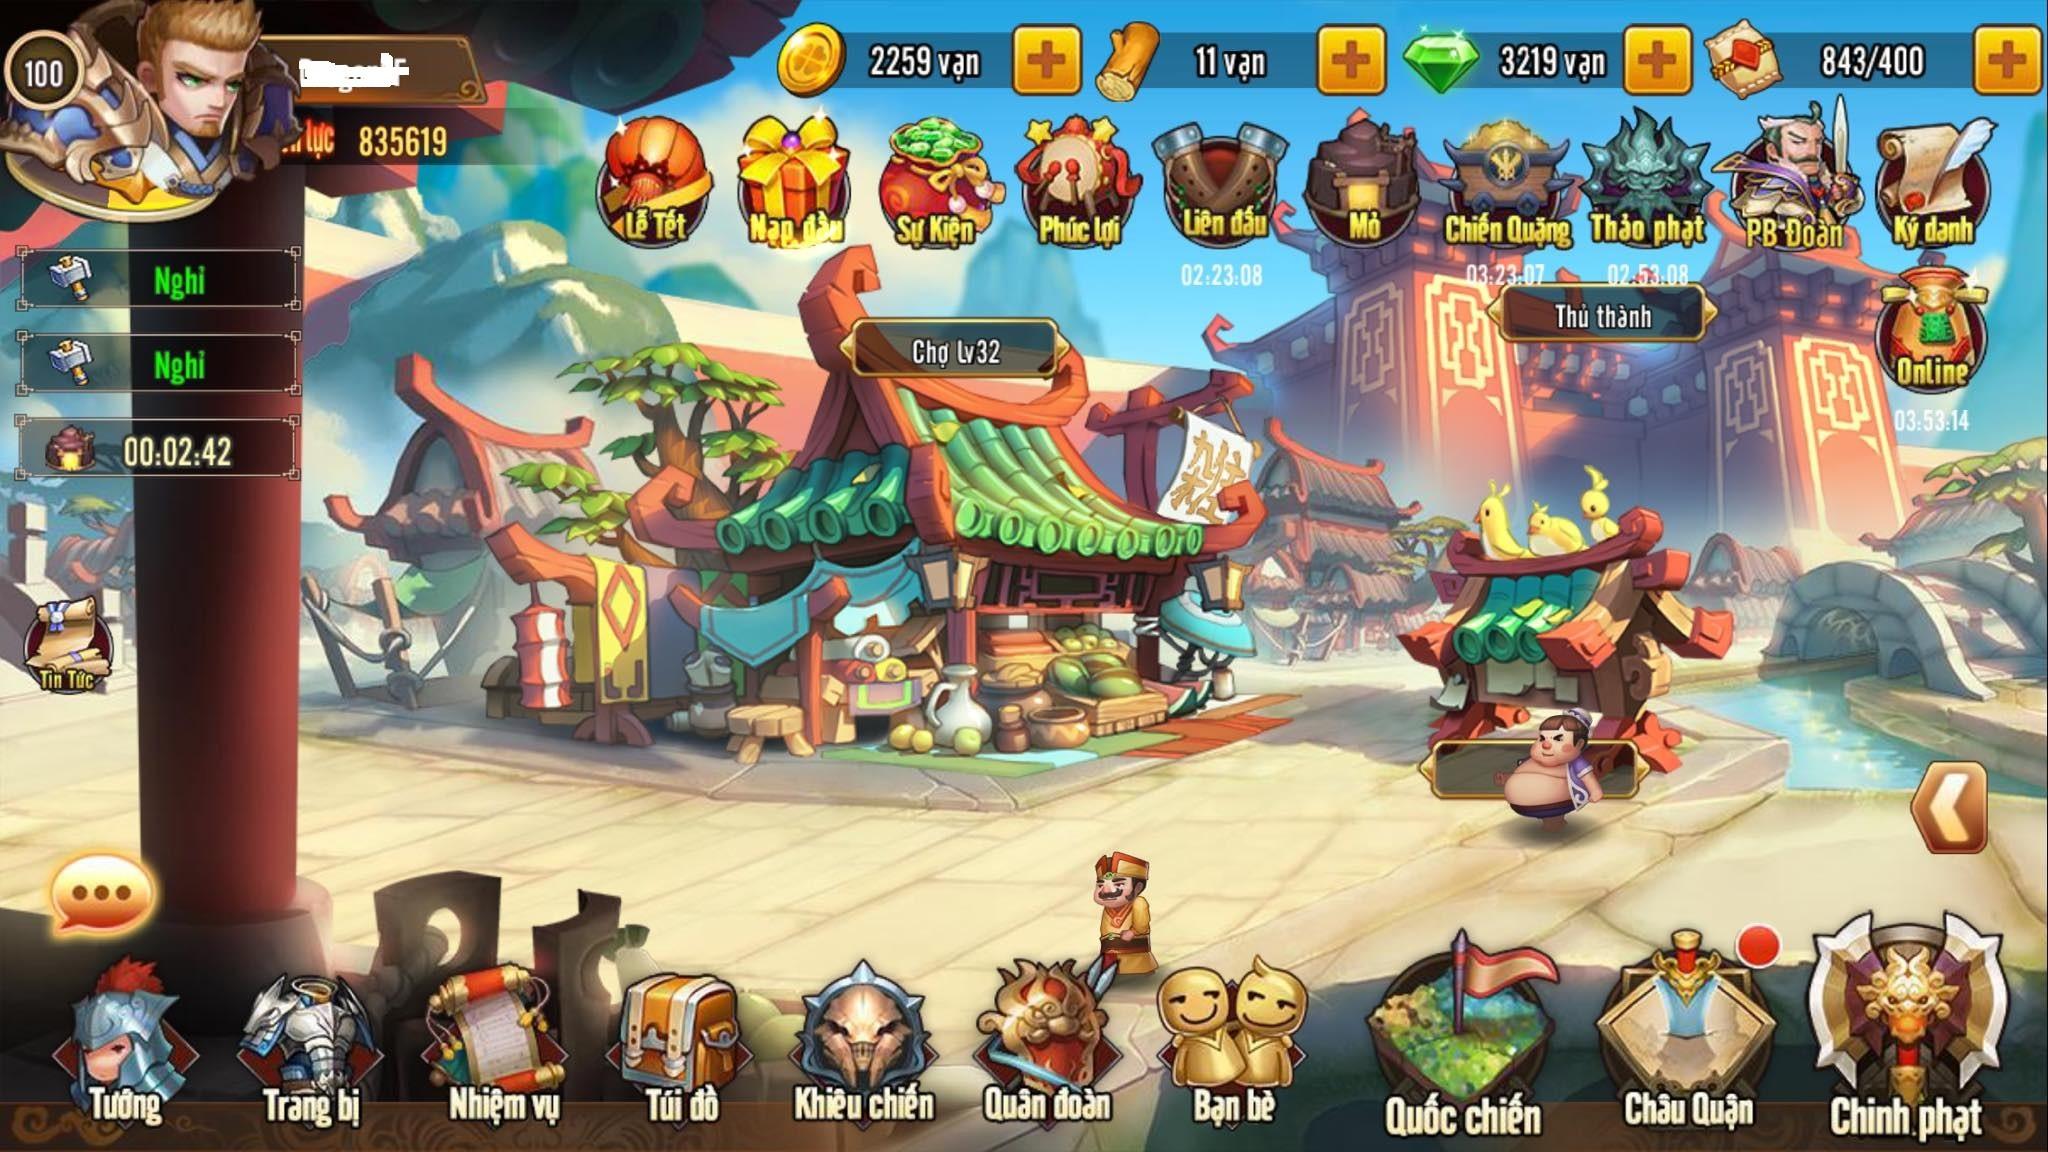 Những lý do khiến Tam Quốc GO giữ vững TOP 1 dòng game Tam Quốc trên mobile 1